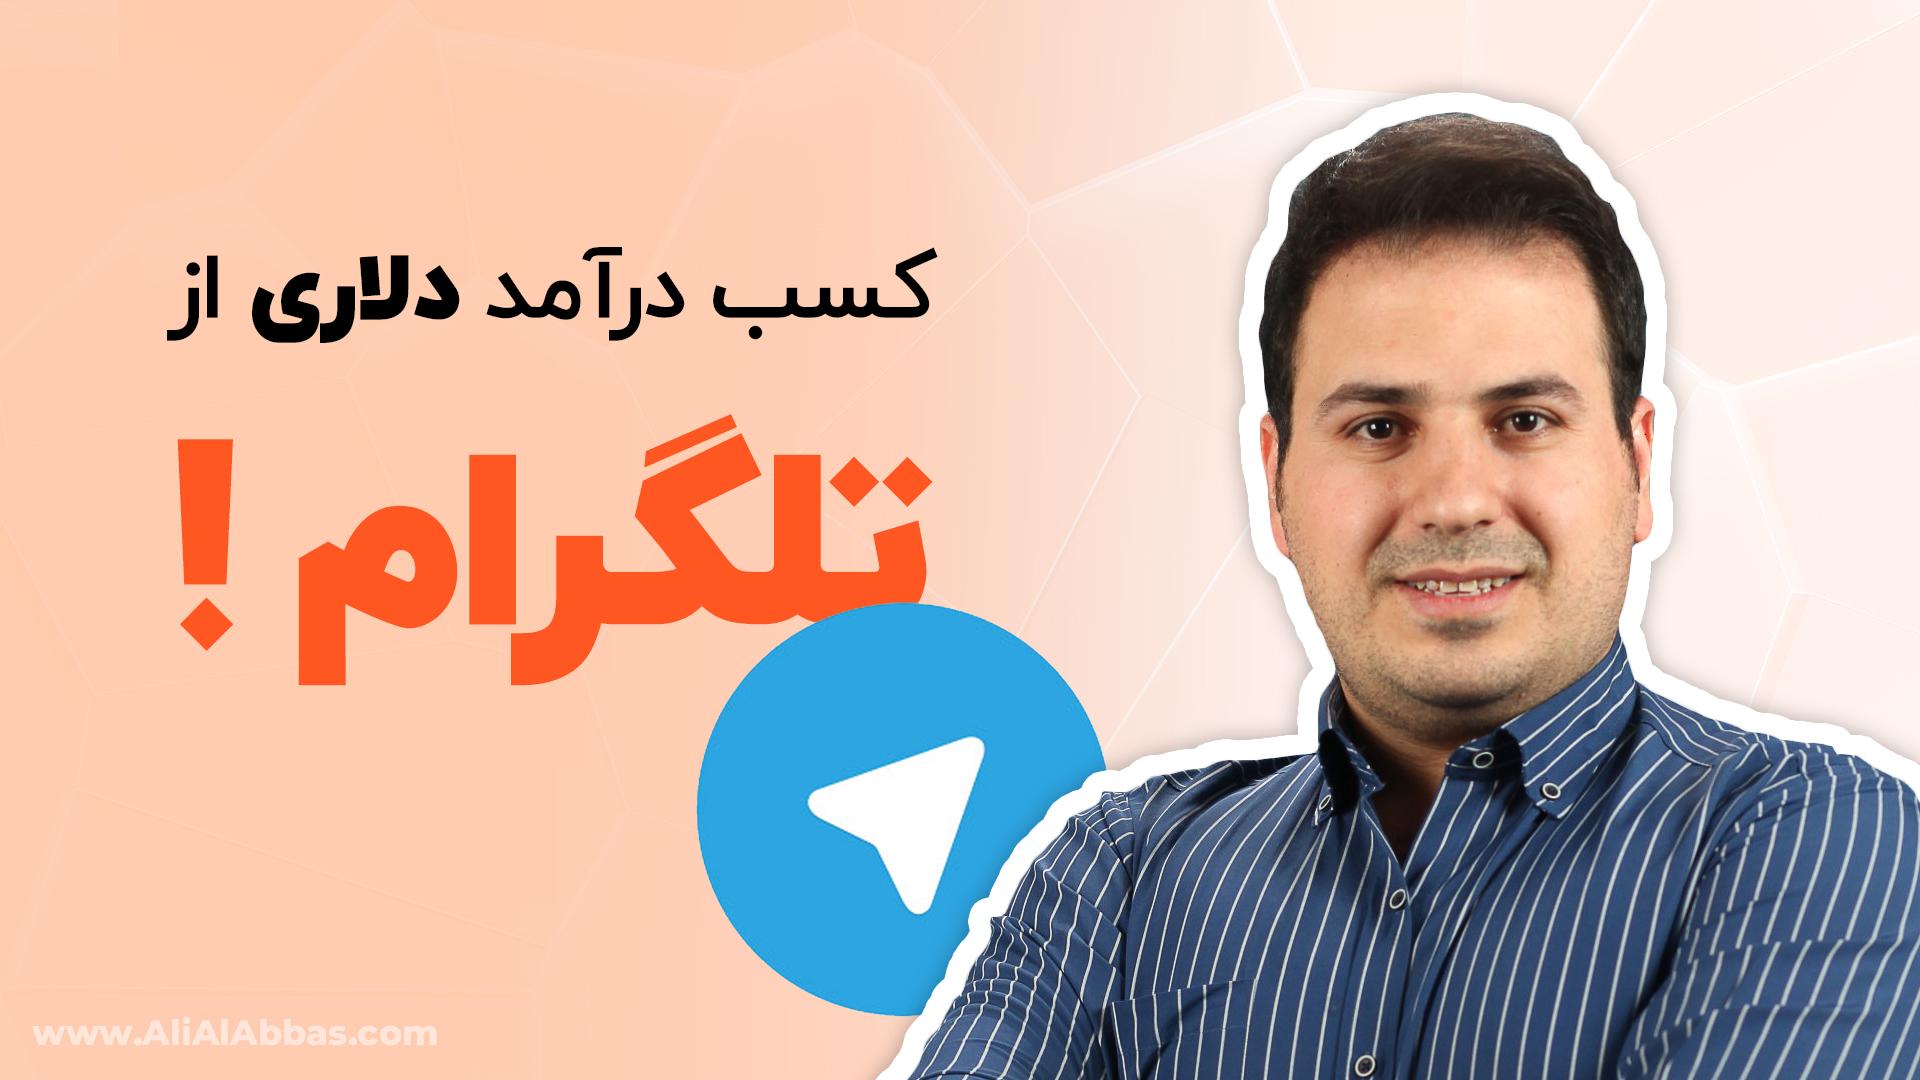 کسب درآمد دلاری از تلگرام چگونه است؟ - علی آل عباس